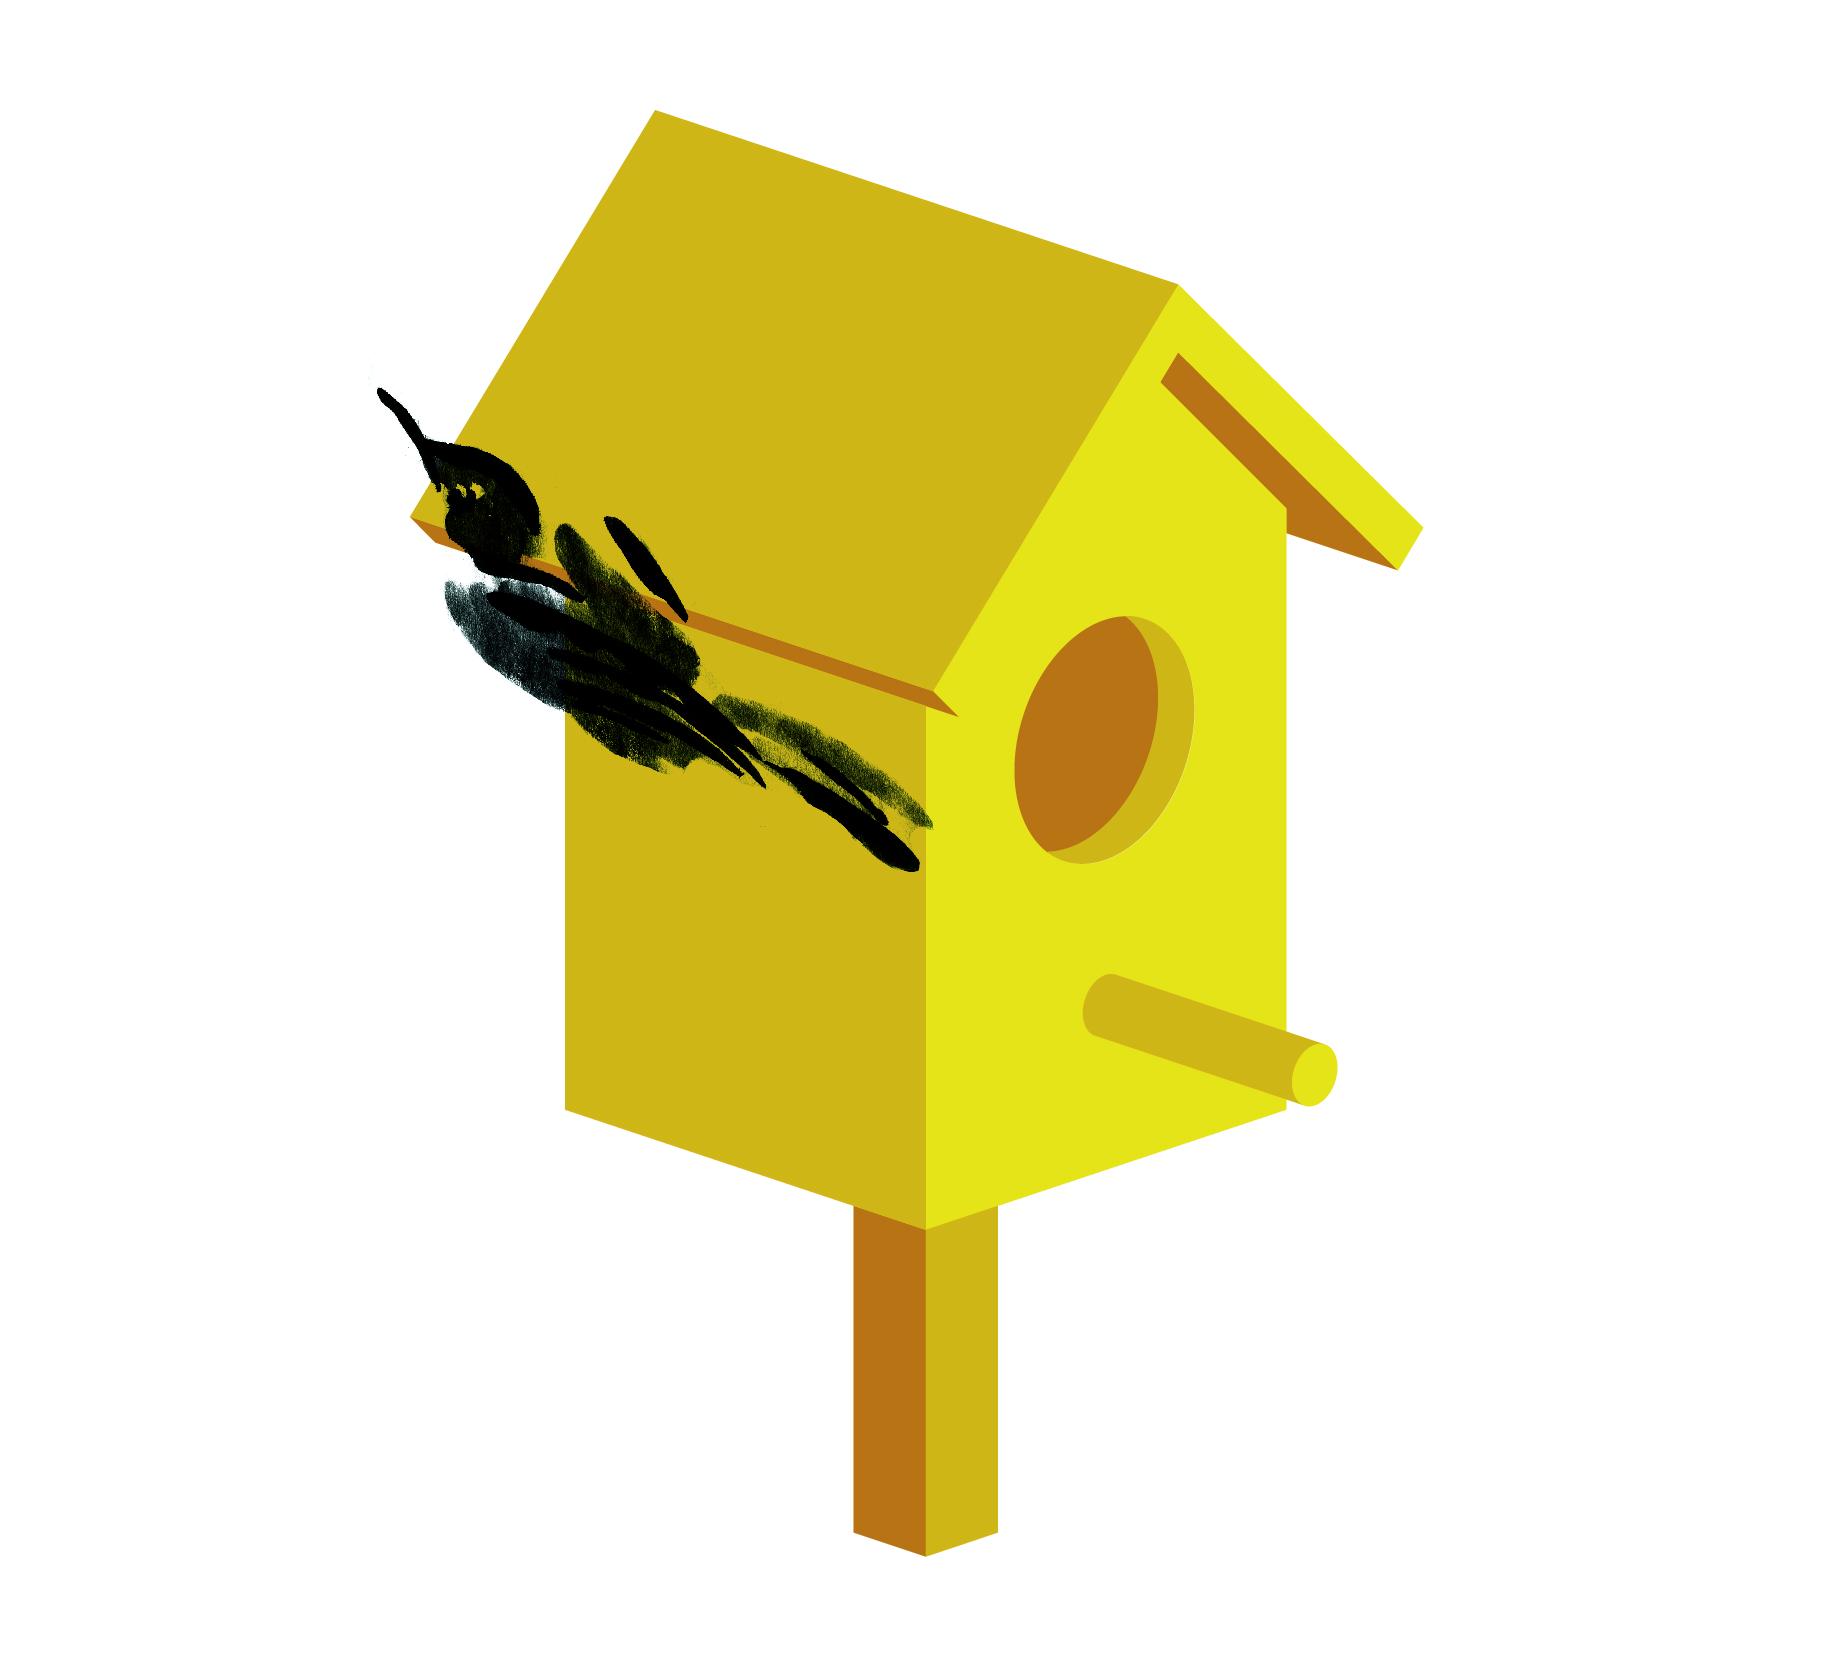 birdbox animation again-10.jpg